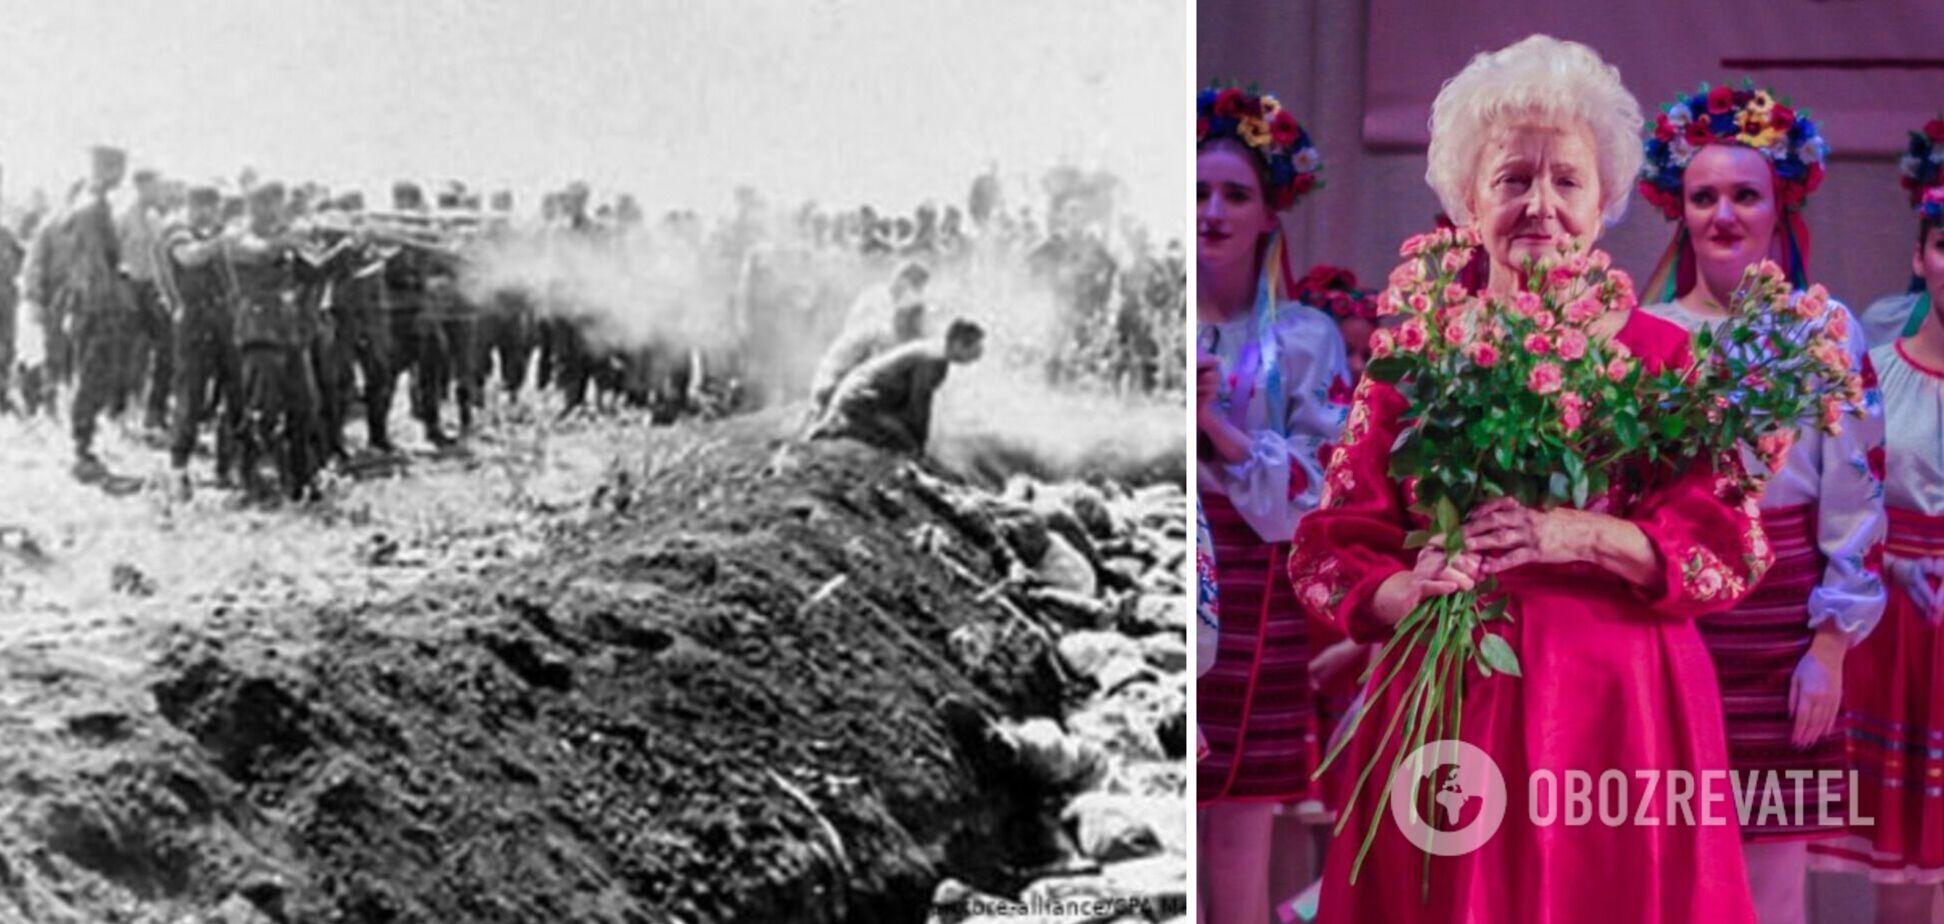 'Их еще живыми закапывали': история последней свидетельницы расстрелов в Бабьем Яру Раисы Майстренко